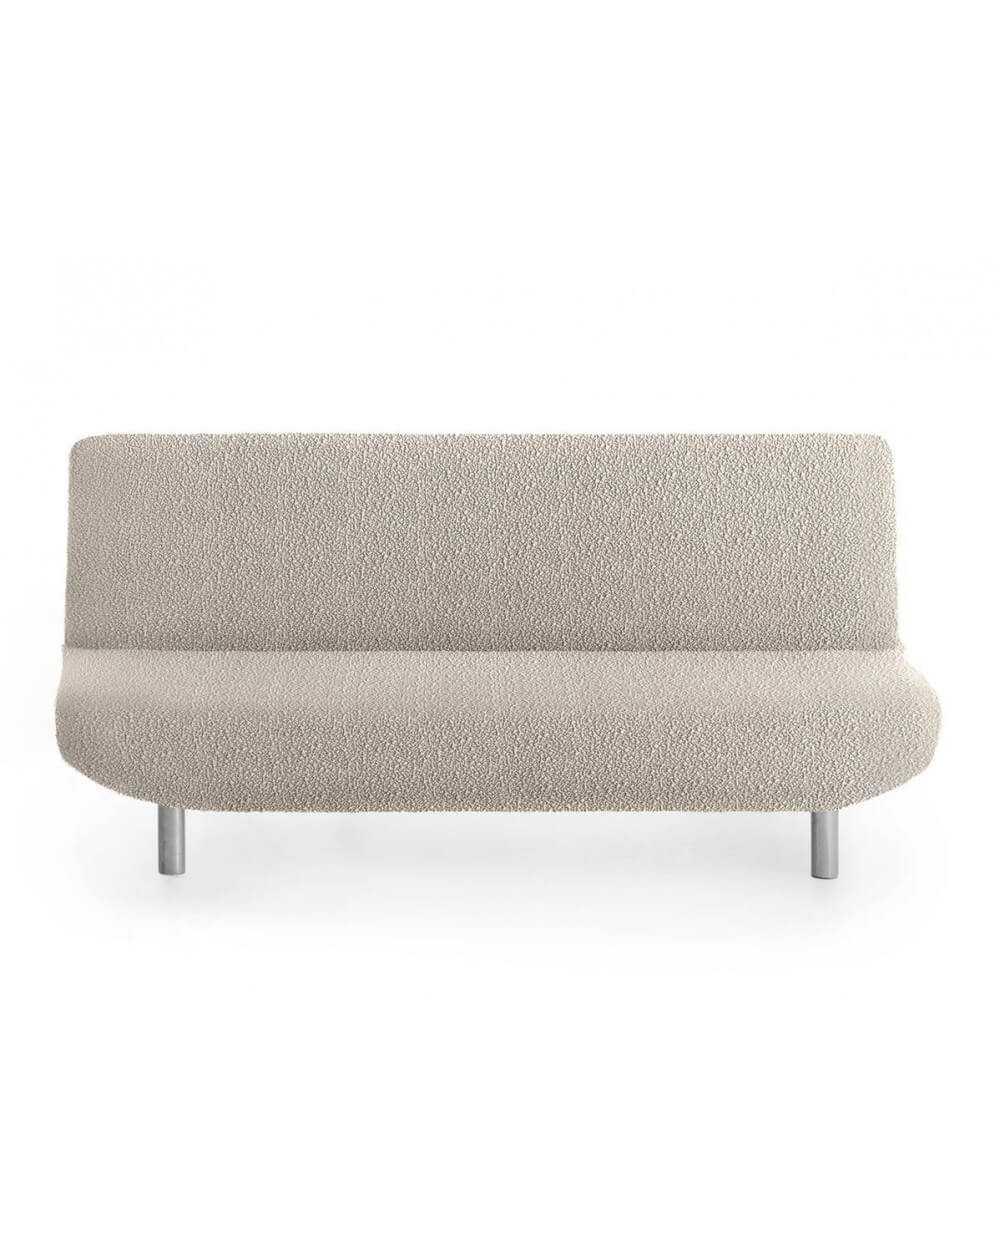 Funda sofá Clic Clac ROC de Eysa